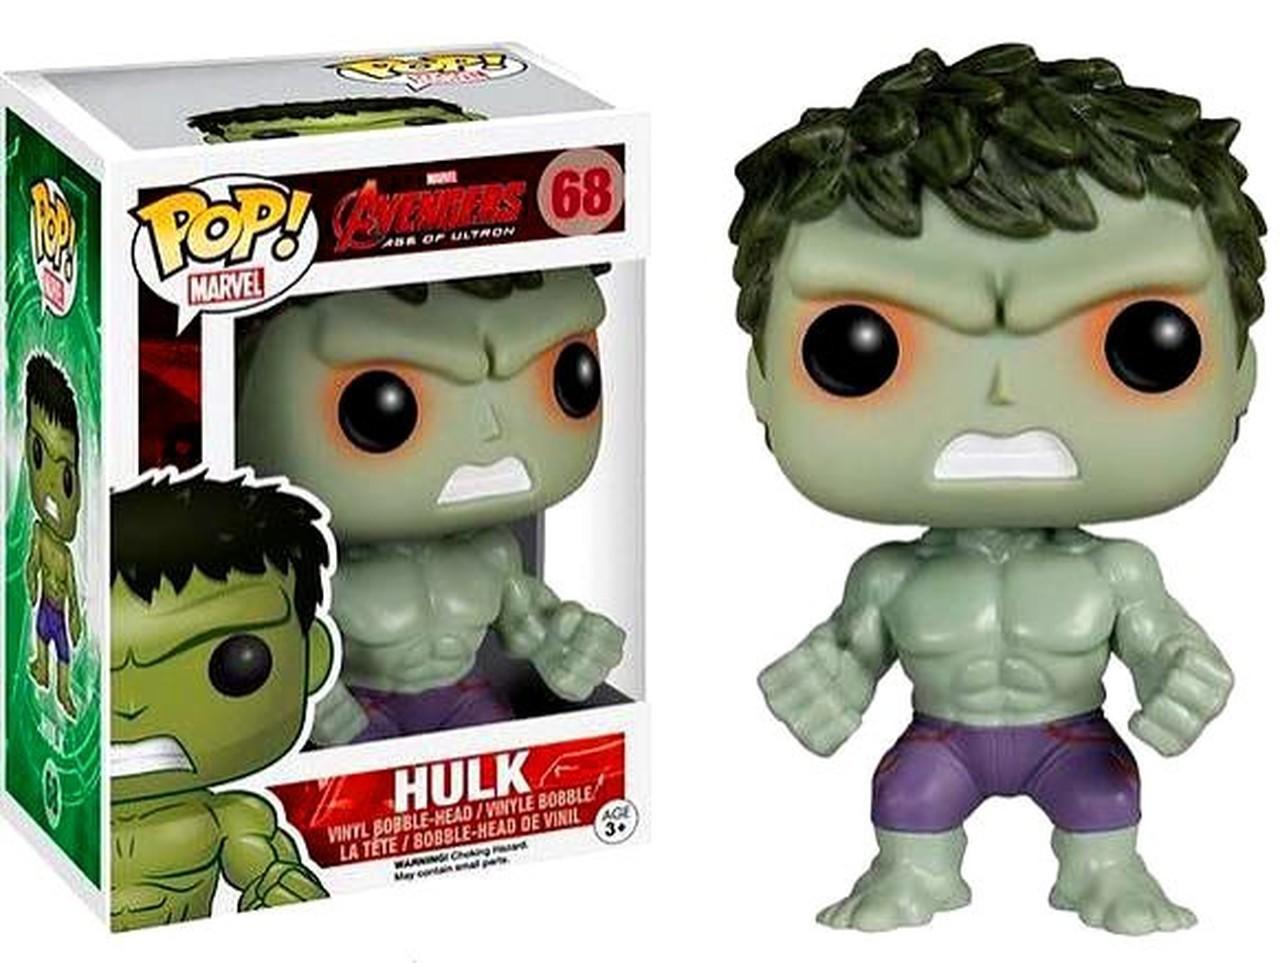 WORST: Hulk (68)